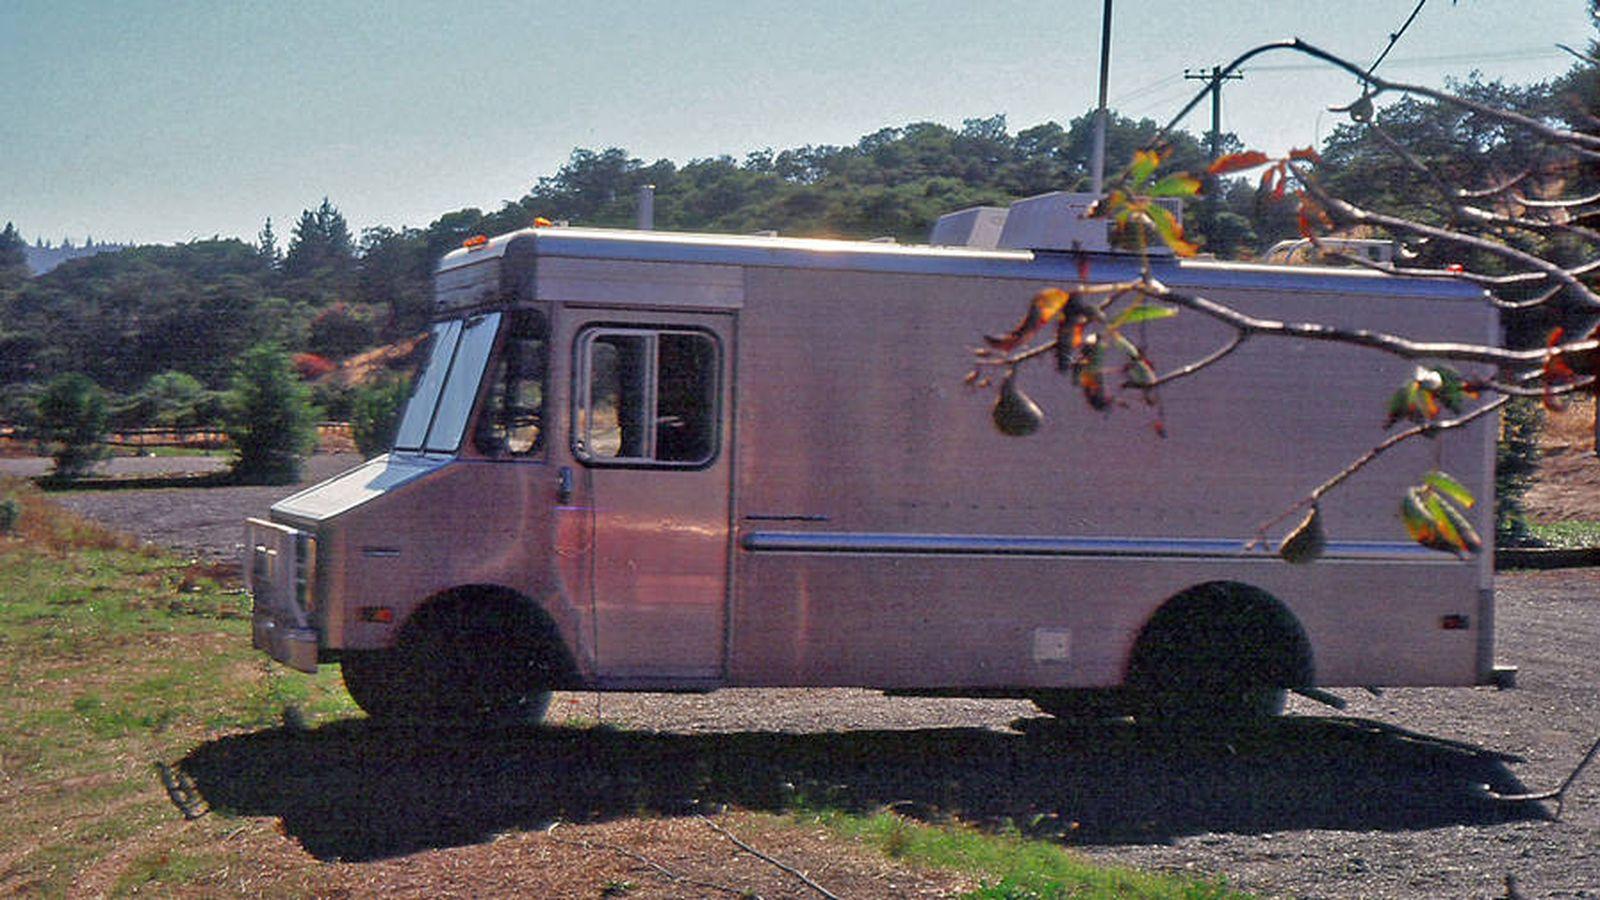 Foto:  La furgoneta de SRI donde se realizó la primera transmisión basada en TCP entre tres redes diferentes (1976) (Fuente: Cortesía de SRI International)